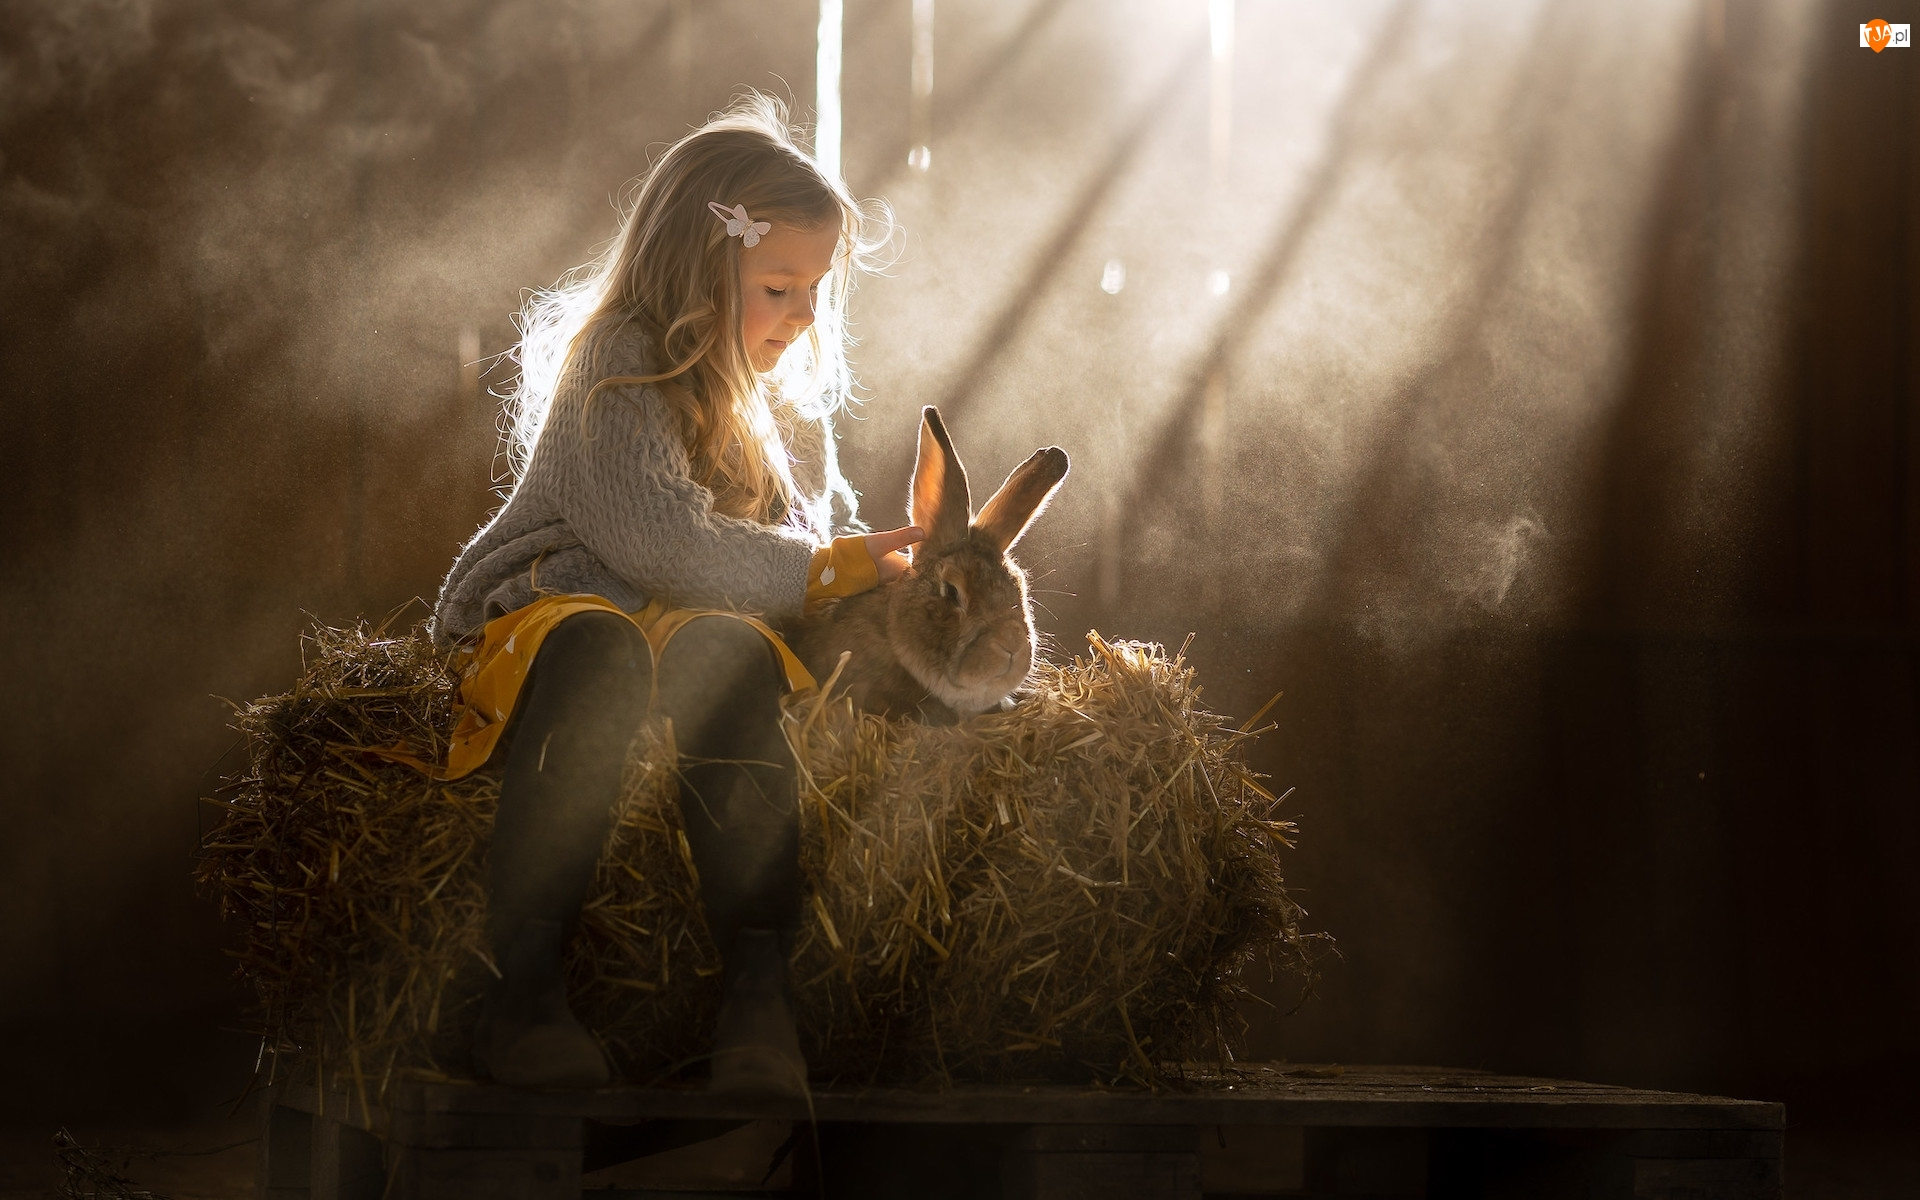 Promienie słońca, Dziewczynka, Królik